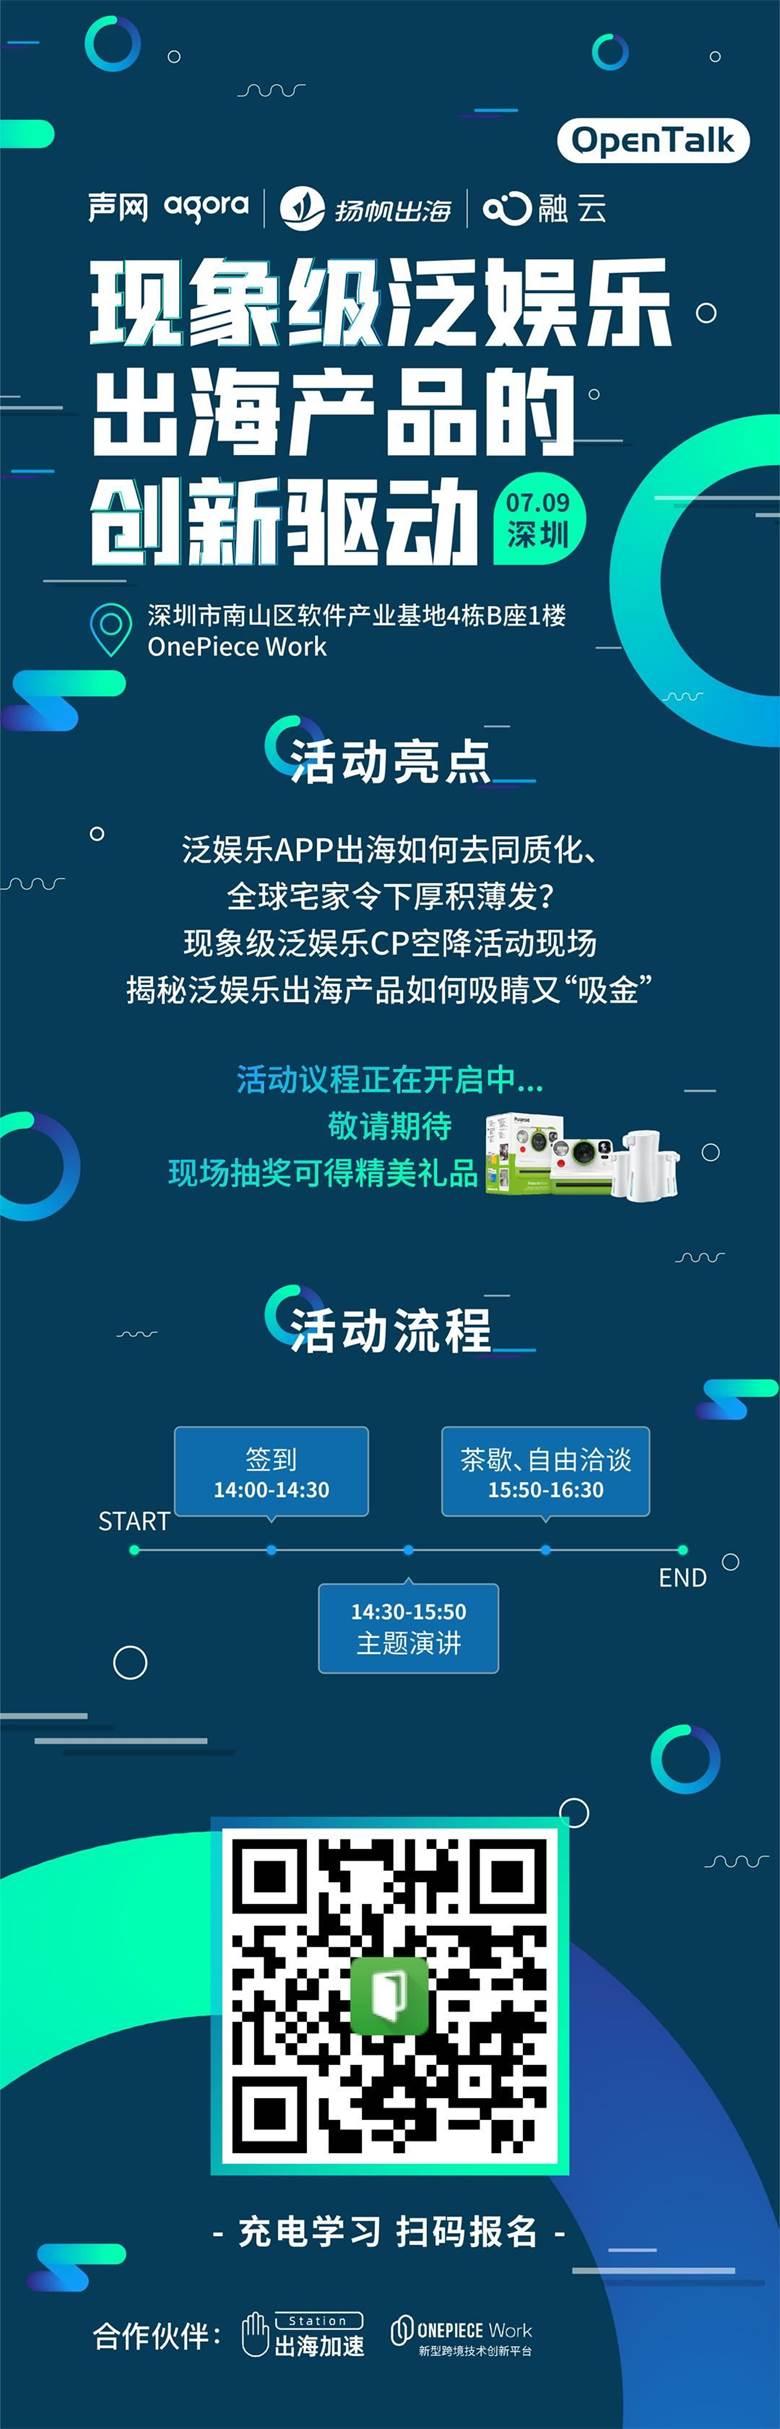 07.09 深圳 OpenTalk-02_看图王.jpg